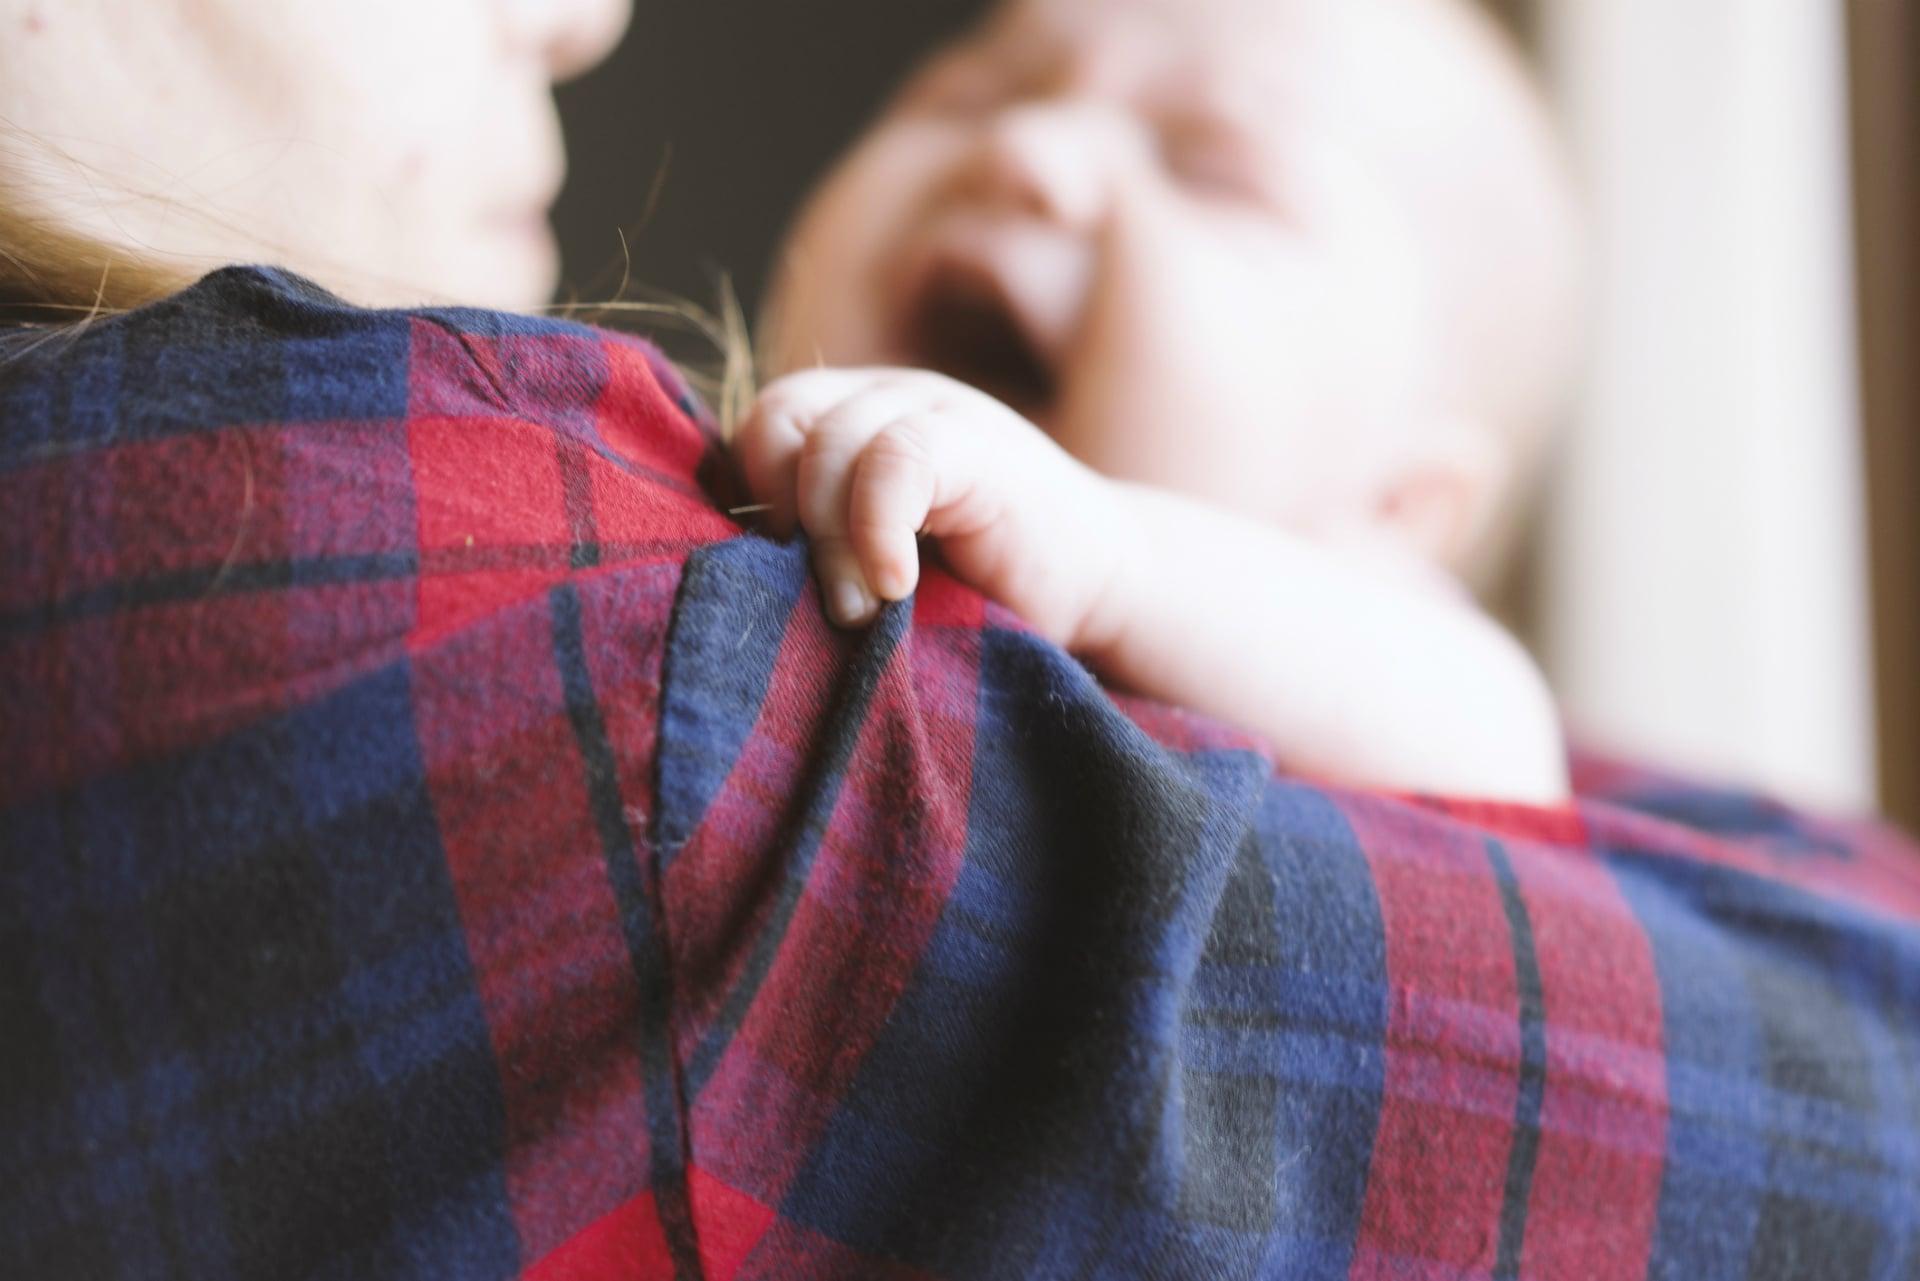 Rimedi per le coliche del neonato